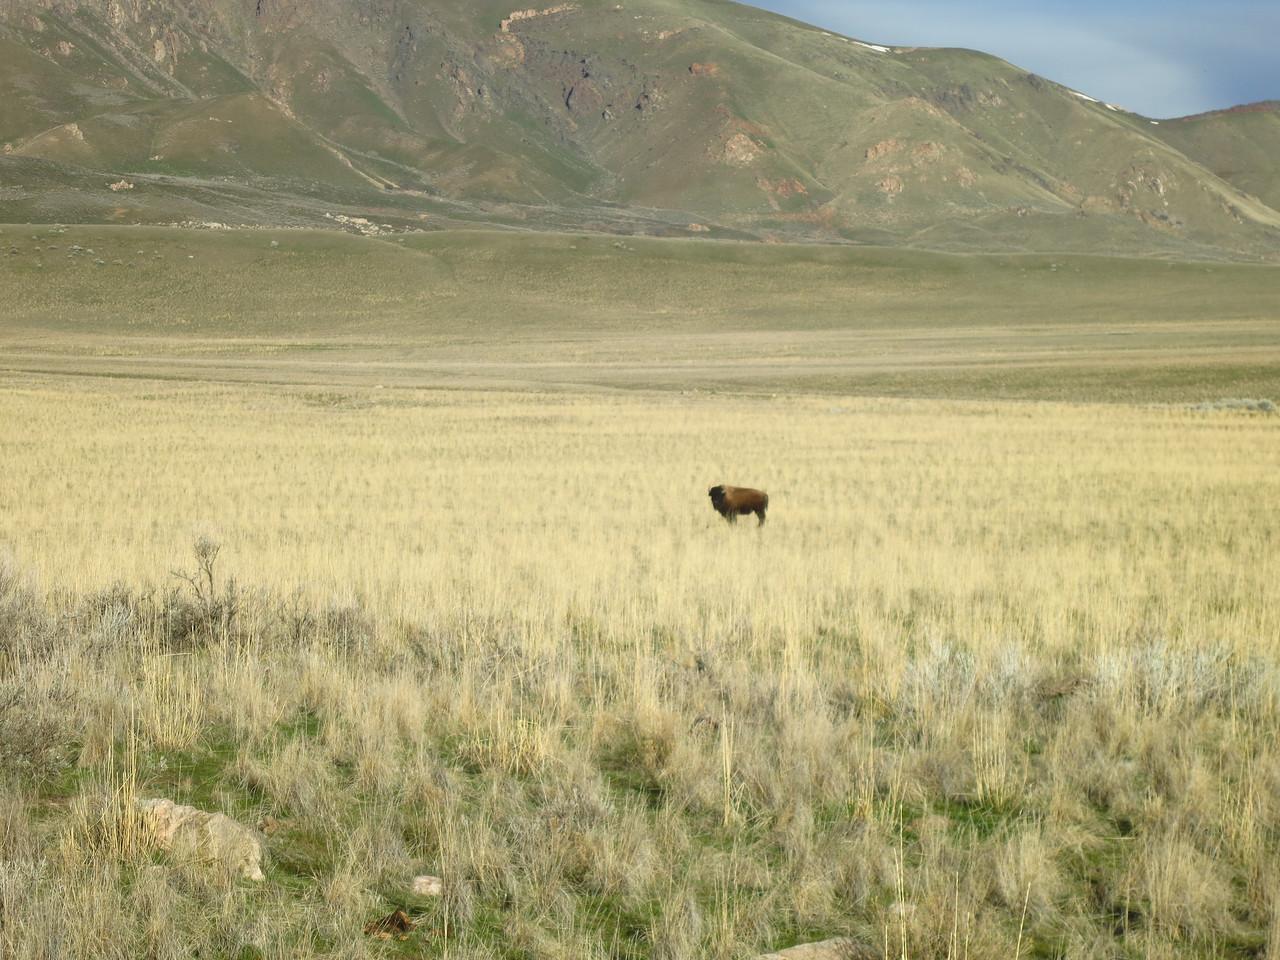 Morning bison peers my way.